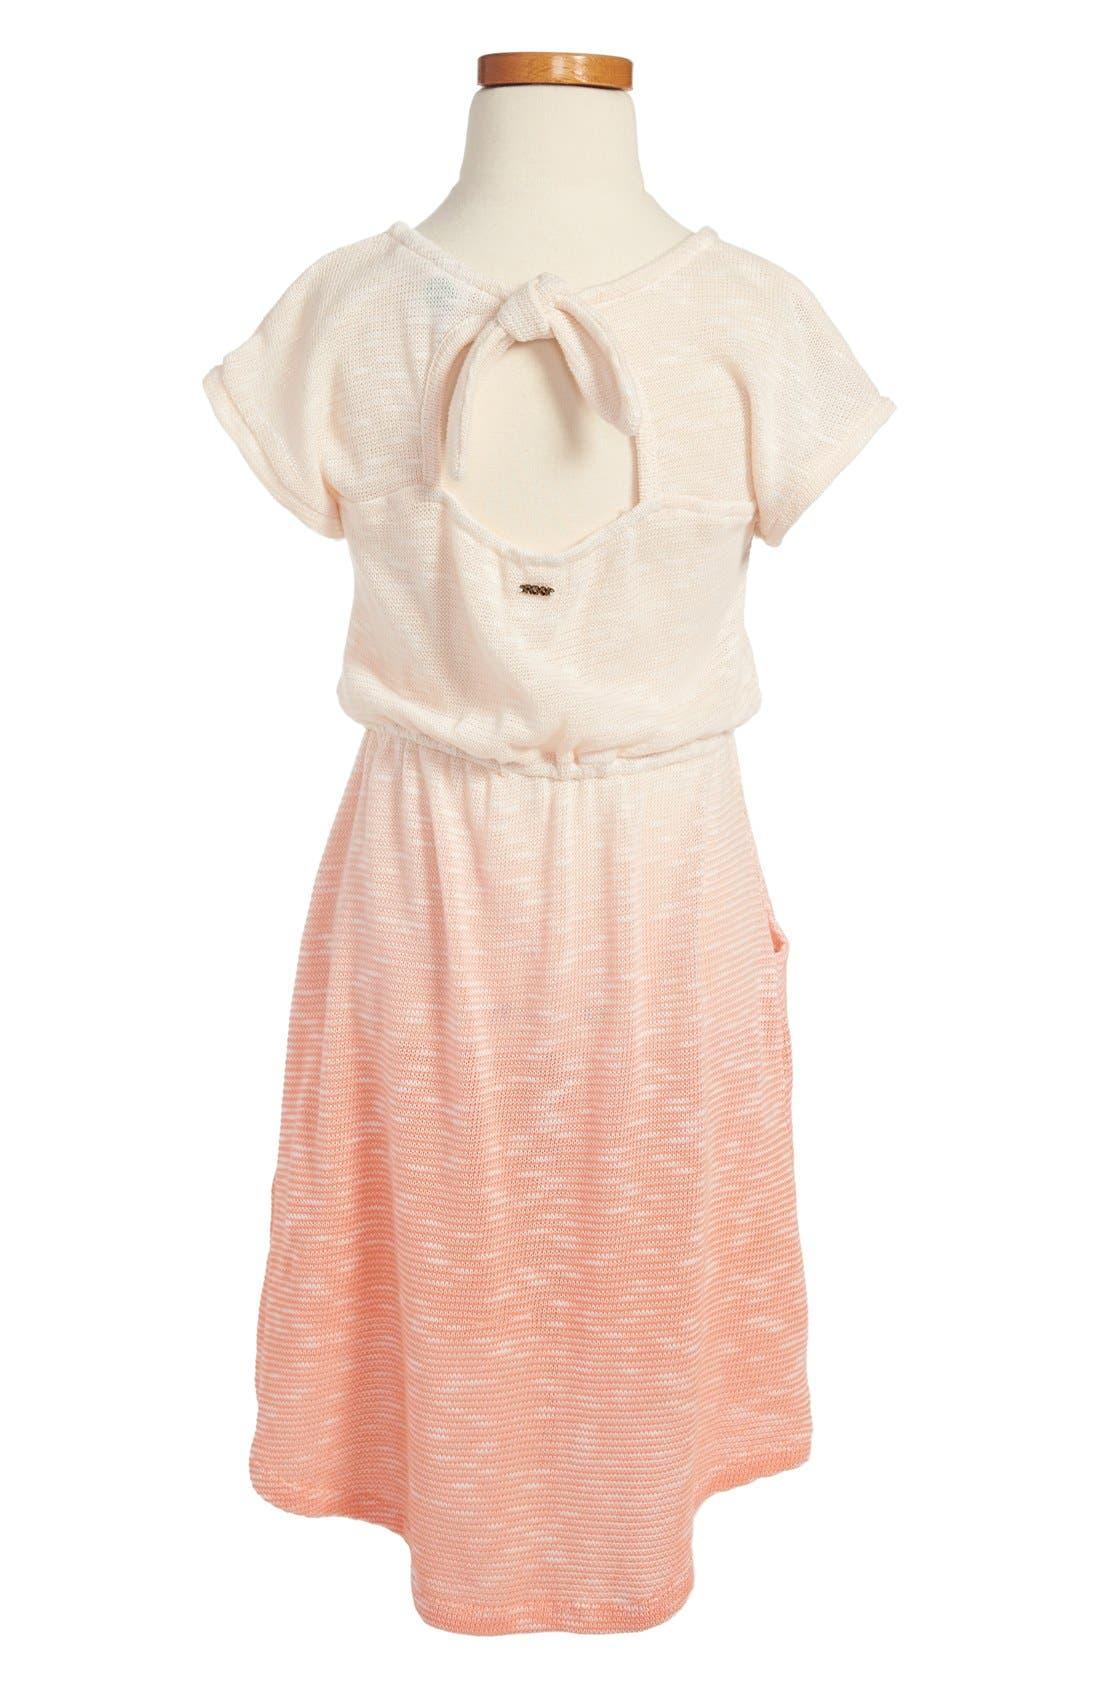 Alternate Image 2  - Roxy 'Sunny Slope' Short Sleeve Dress (Big Girls)